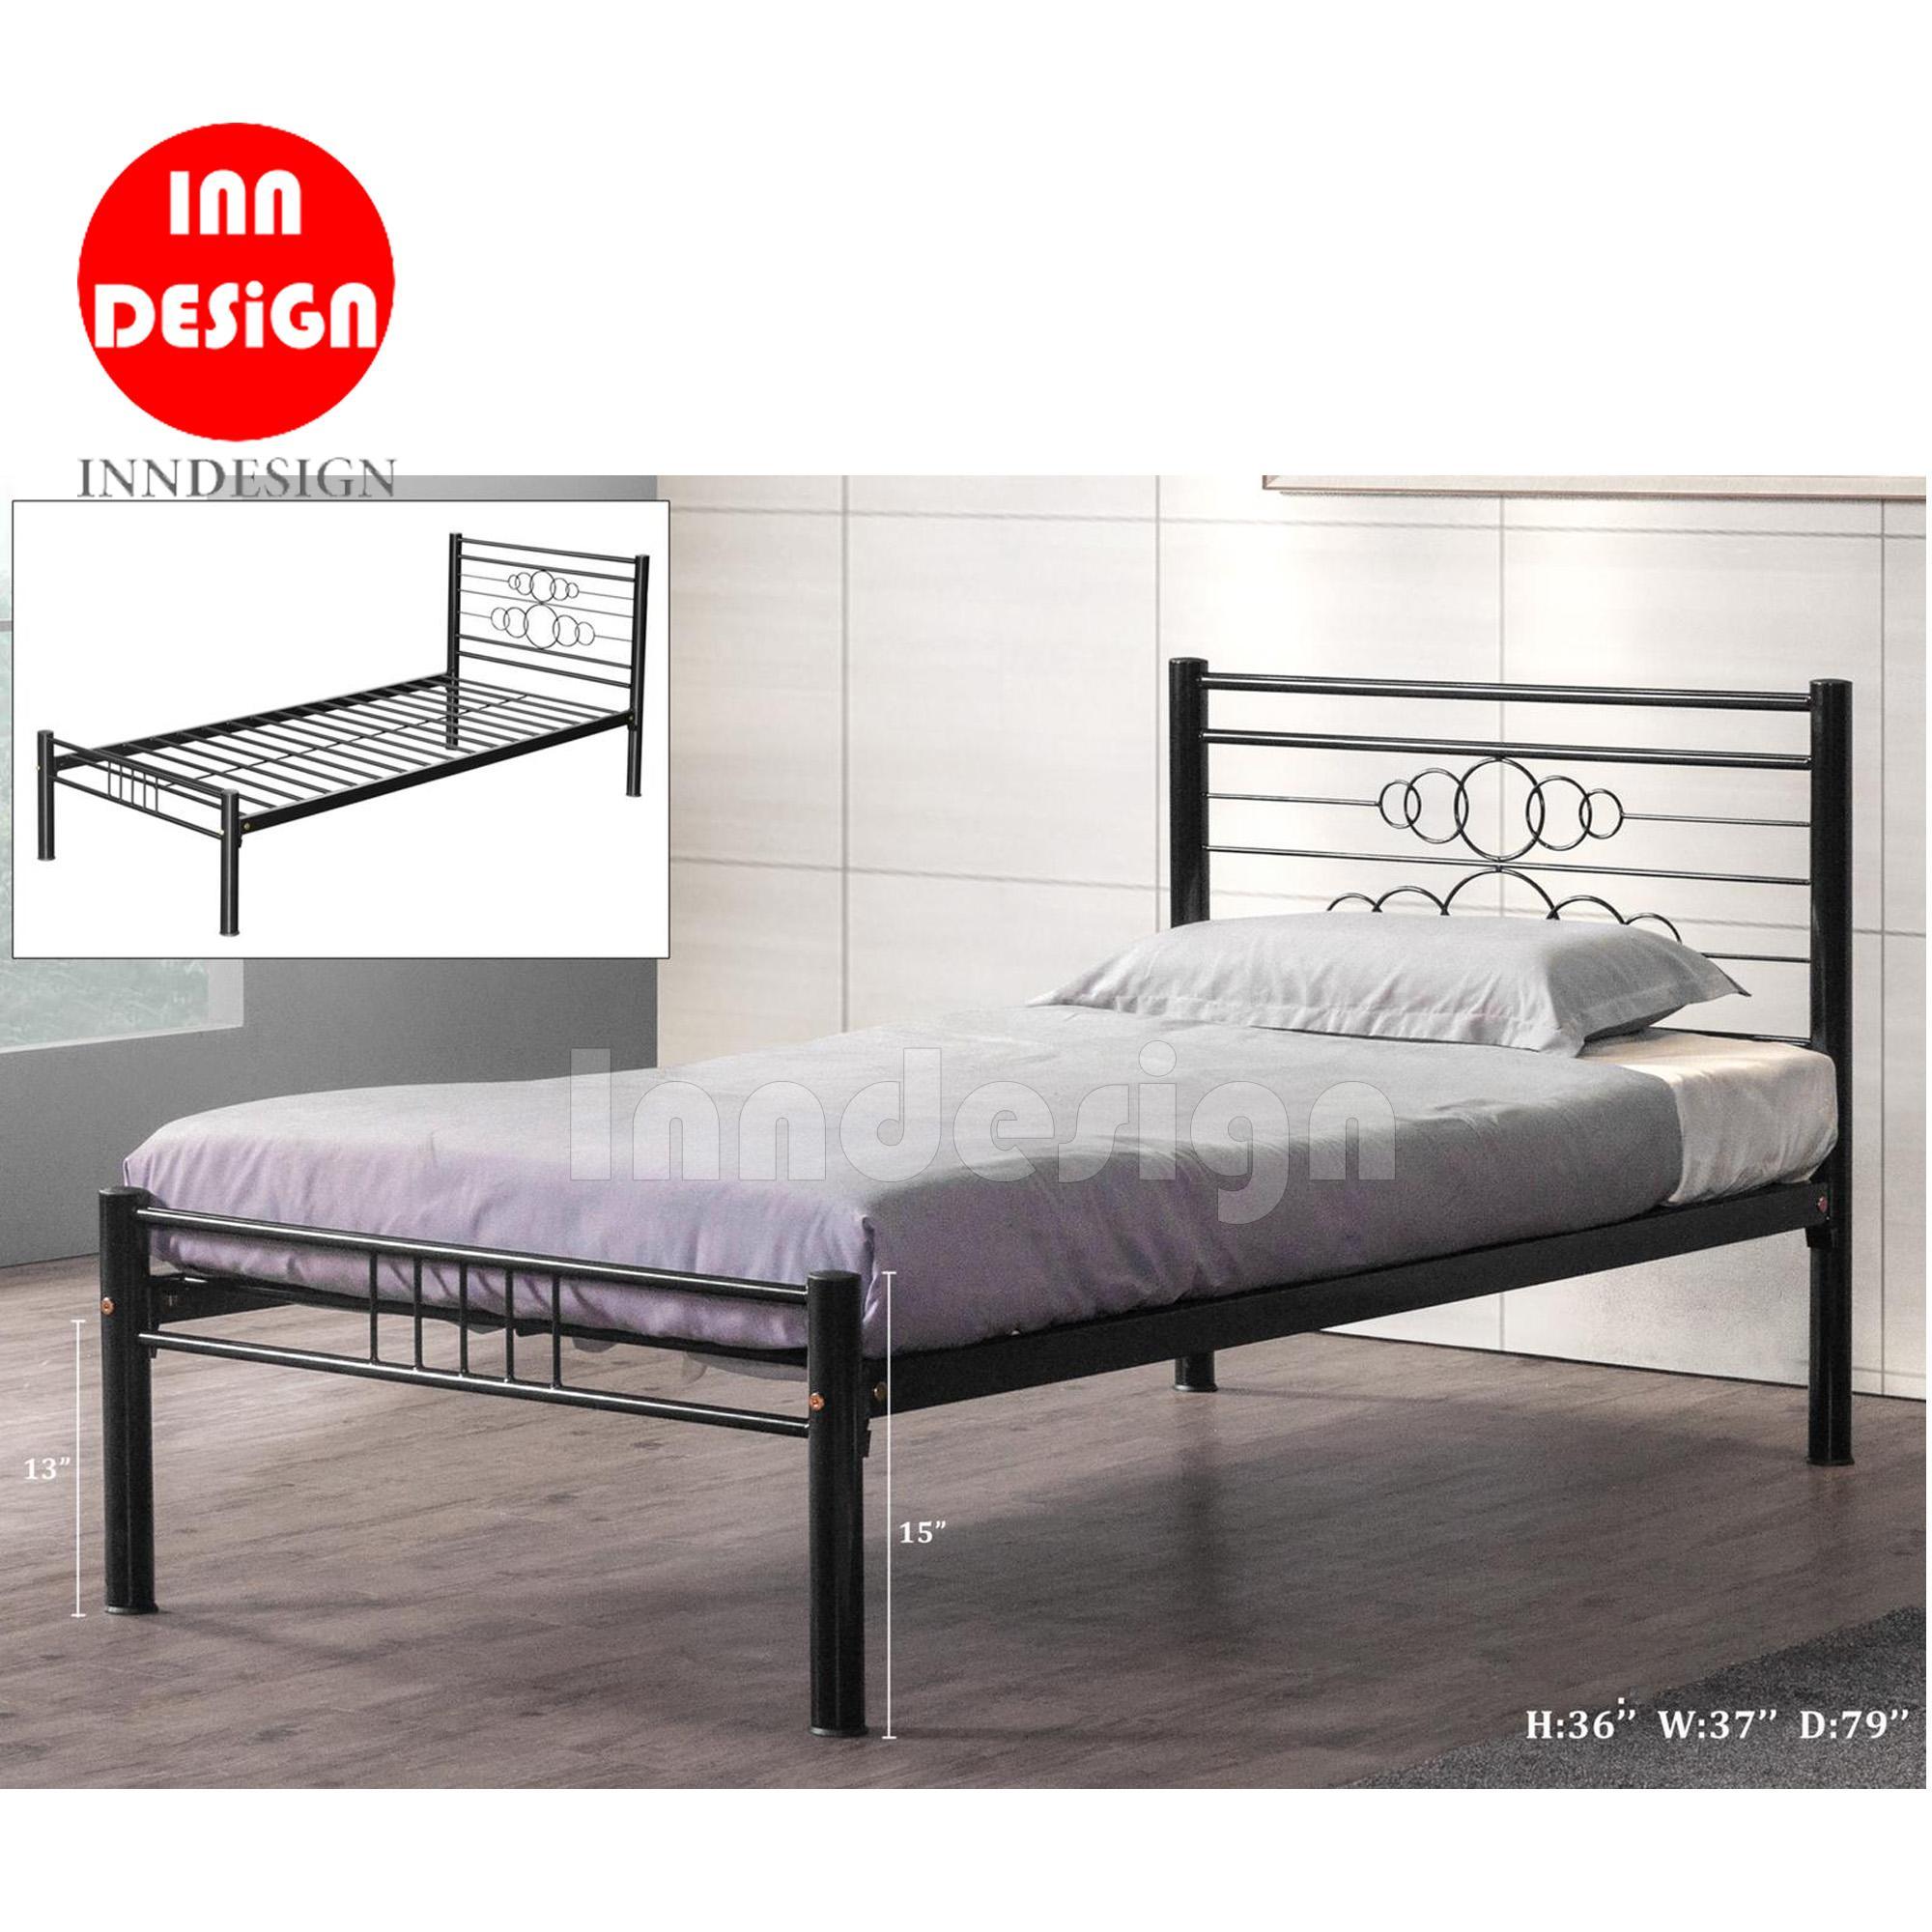 Single Metal Bed / Metal Bed Frame (Black)